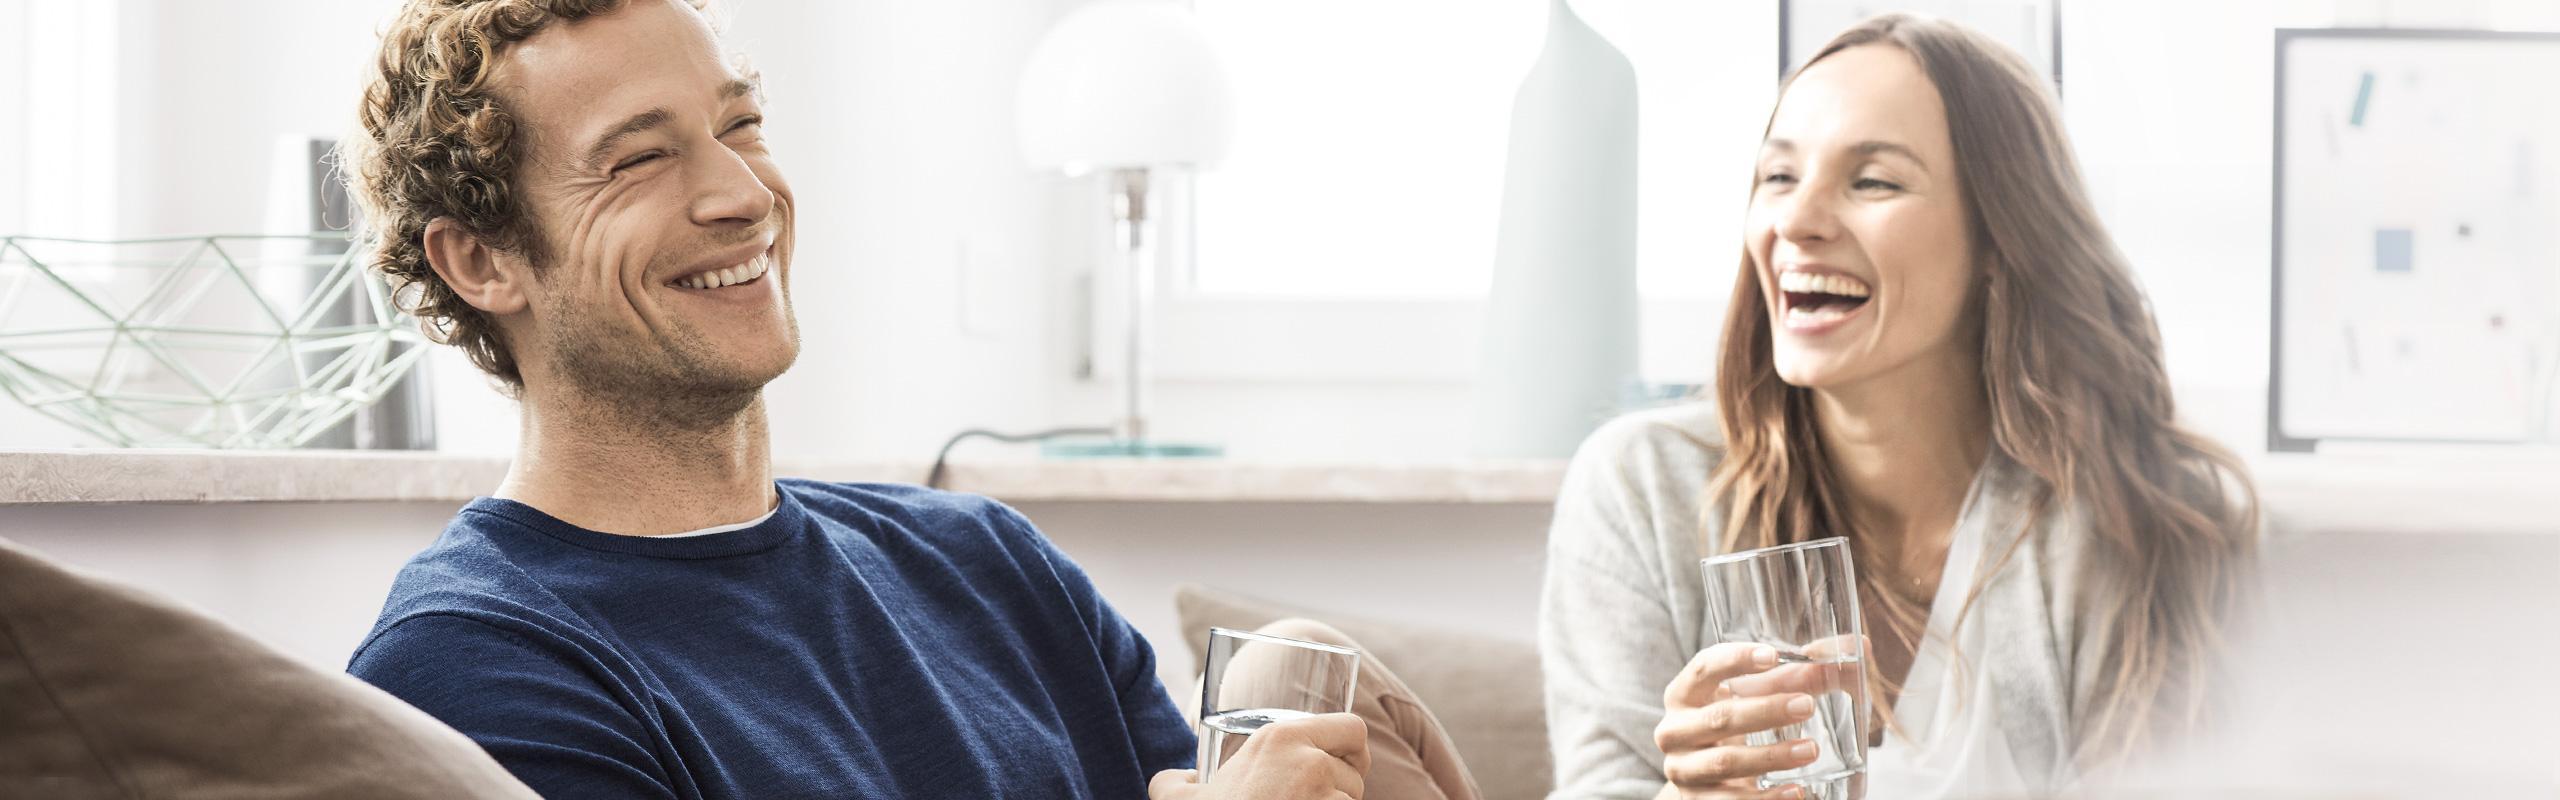 BRITA Tischwasserfilter fill&enjoy: Paar auf Couch